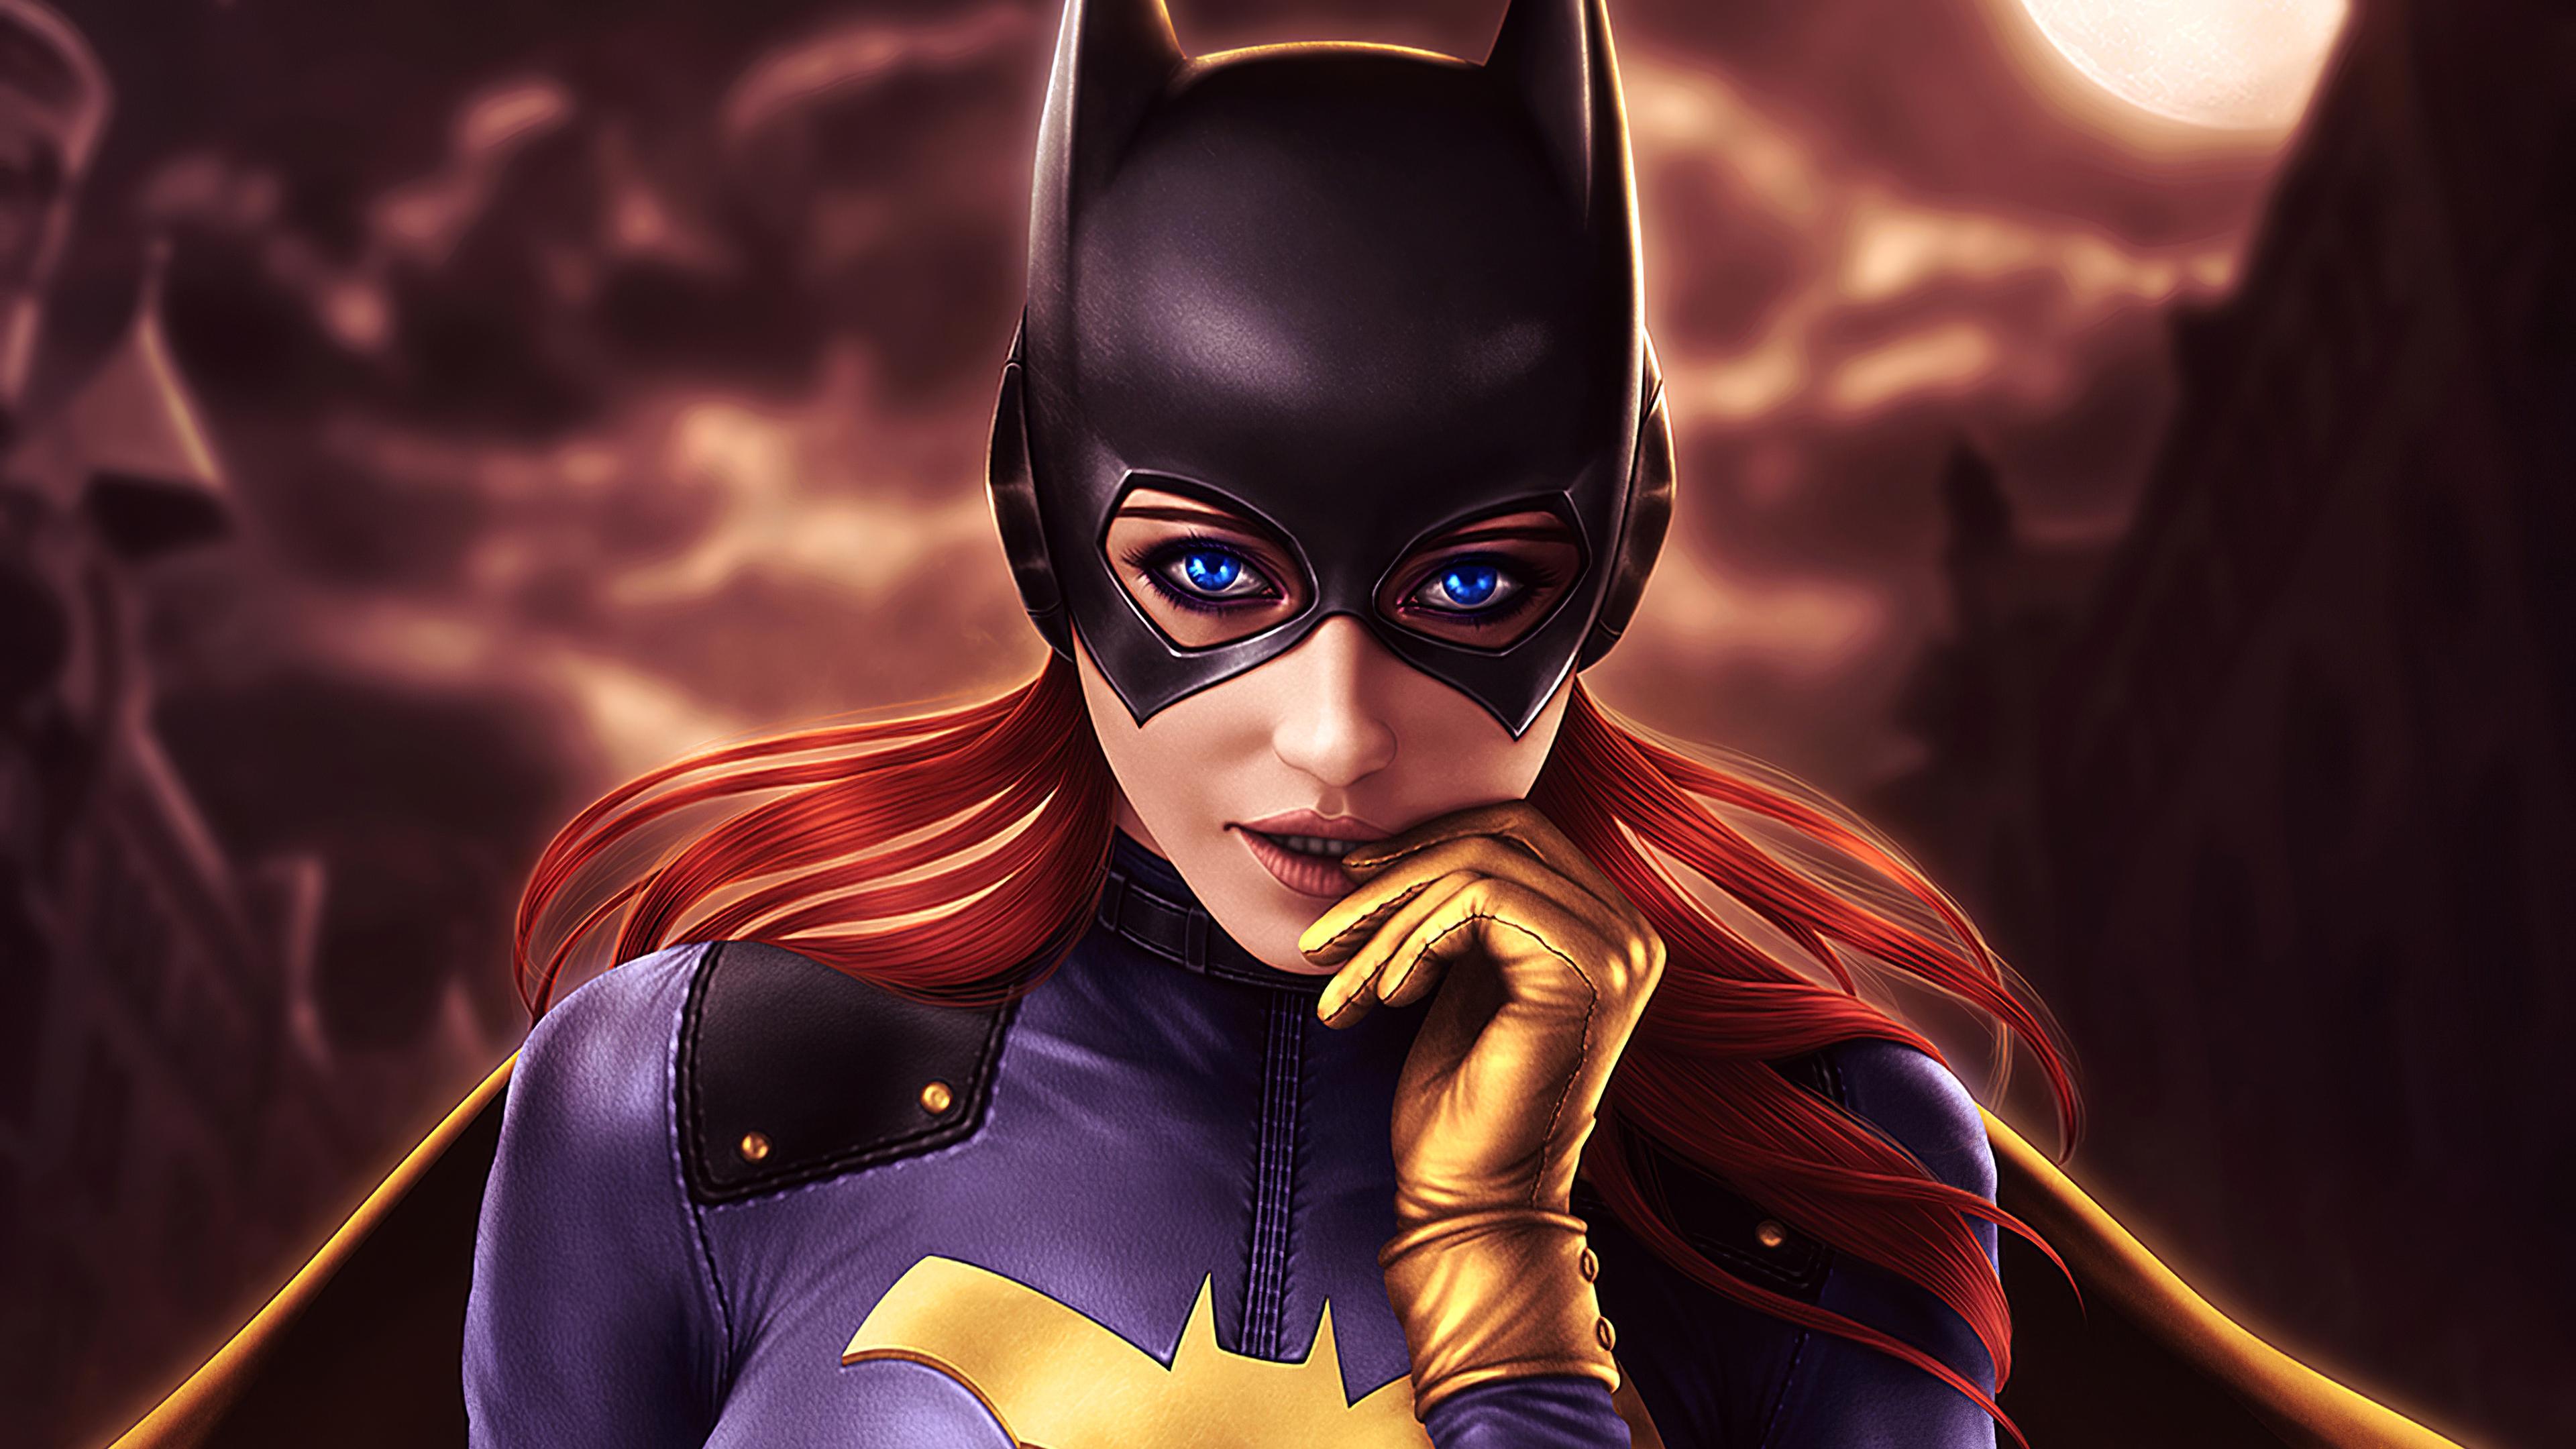 batgirl 1581357585 - Batgirl - batgirl wallpapers, Batgirl phone wallpapers 4k, Batgirl artwork wallpapers 4k, Batgirl 4k wallpapers